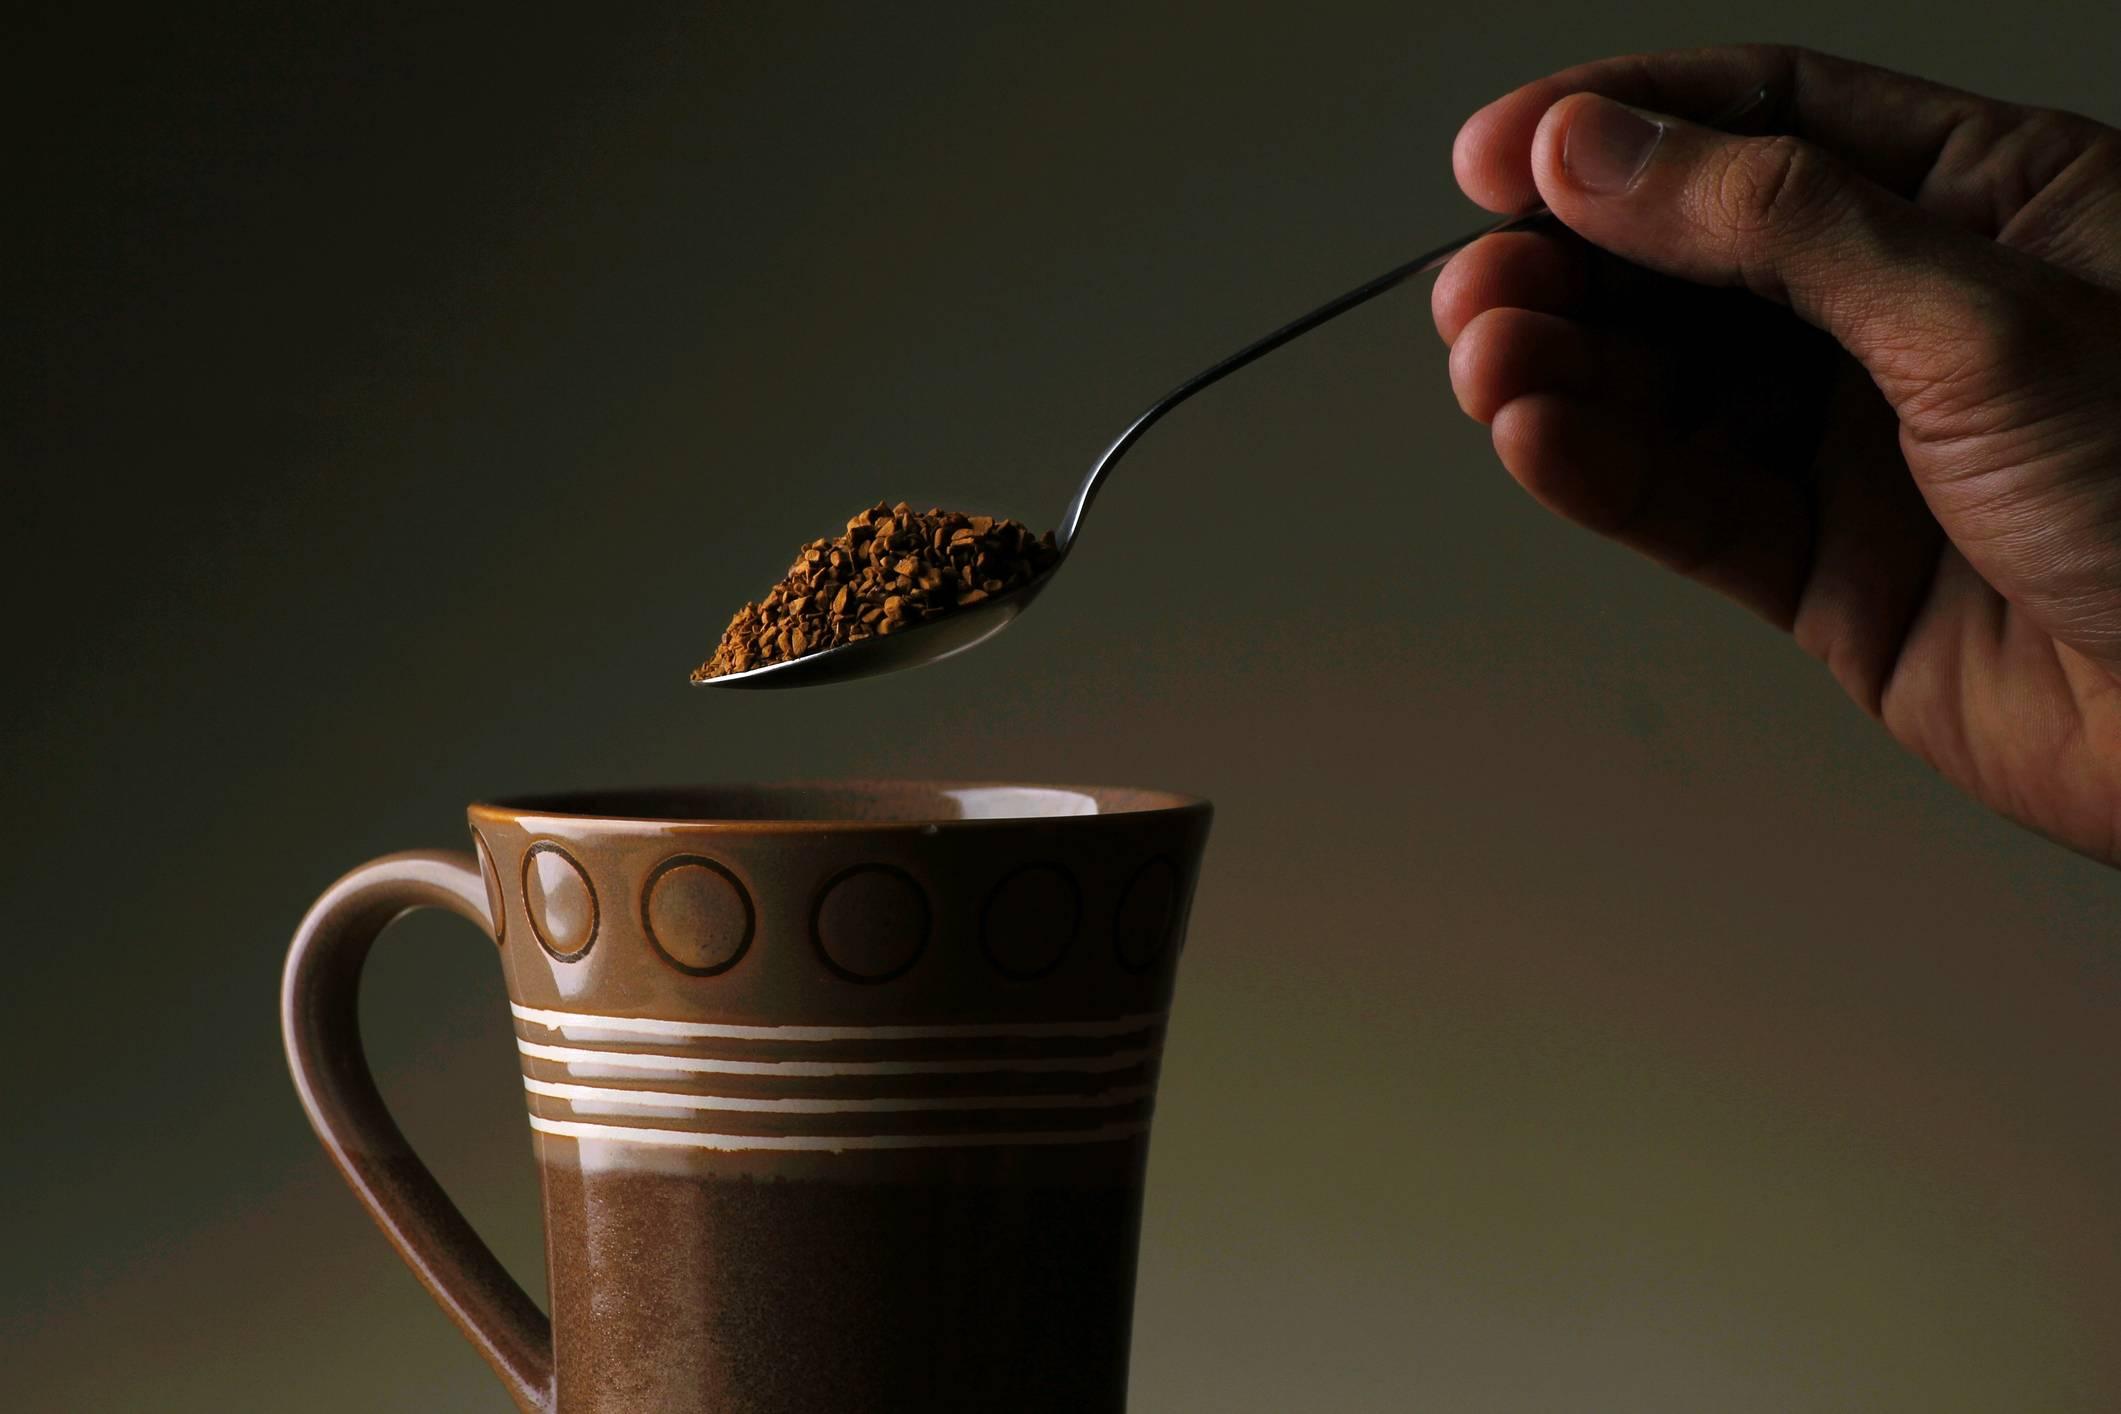 Как сварить кофе в турке дома – 5 правильных рецептов для плиты